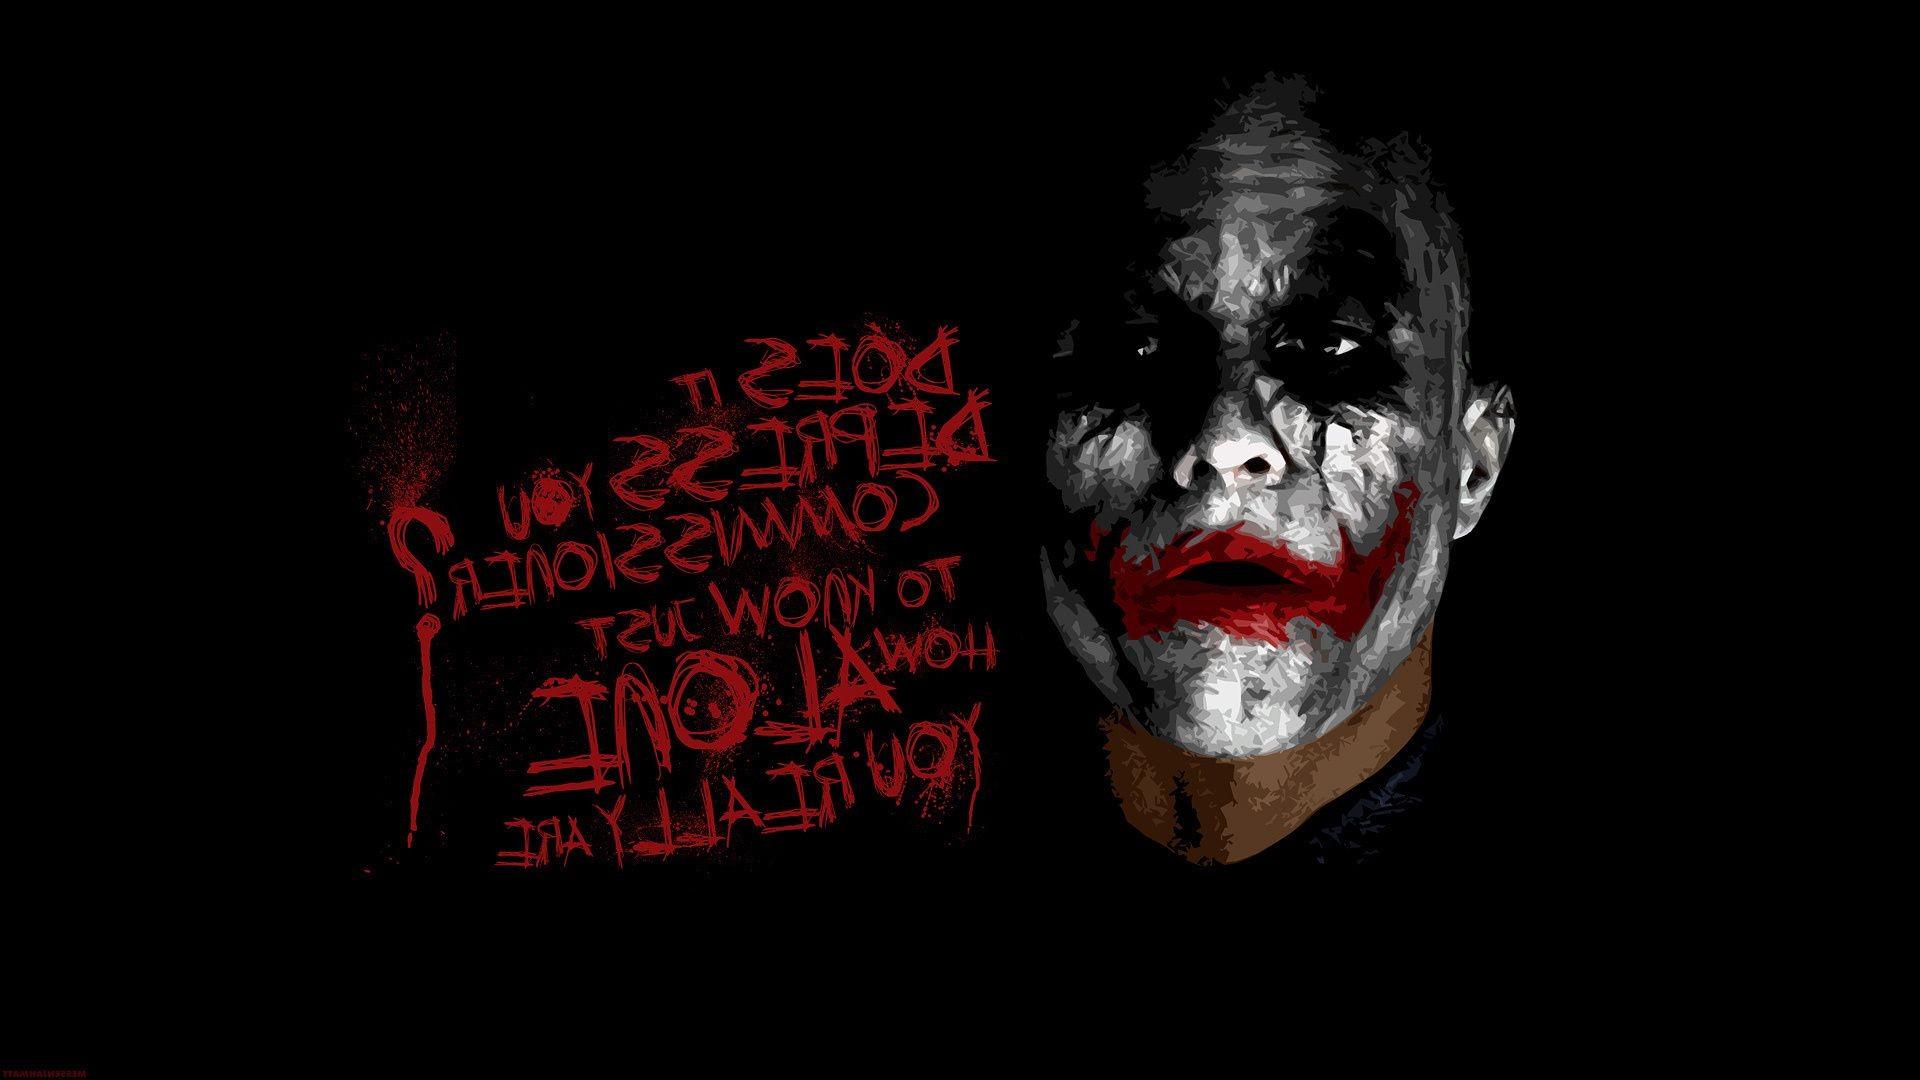 Хит лэджер dark knight темный рыцарь batman